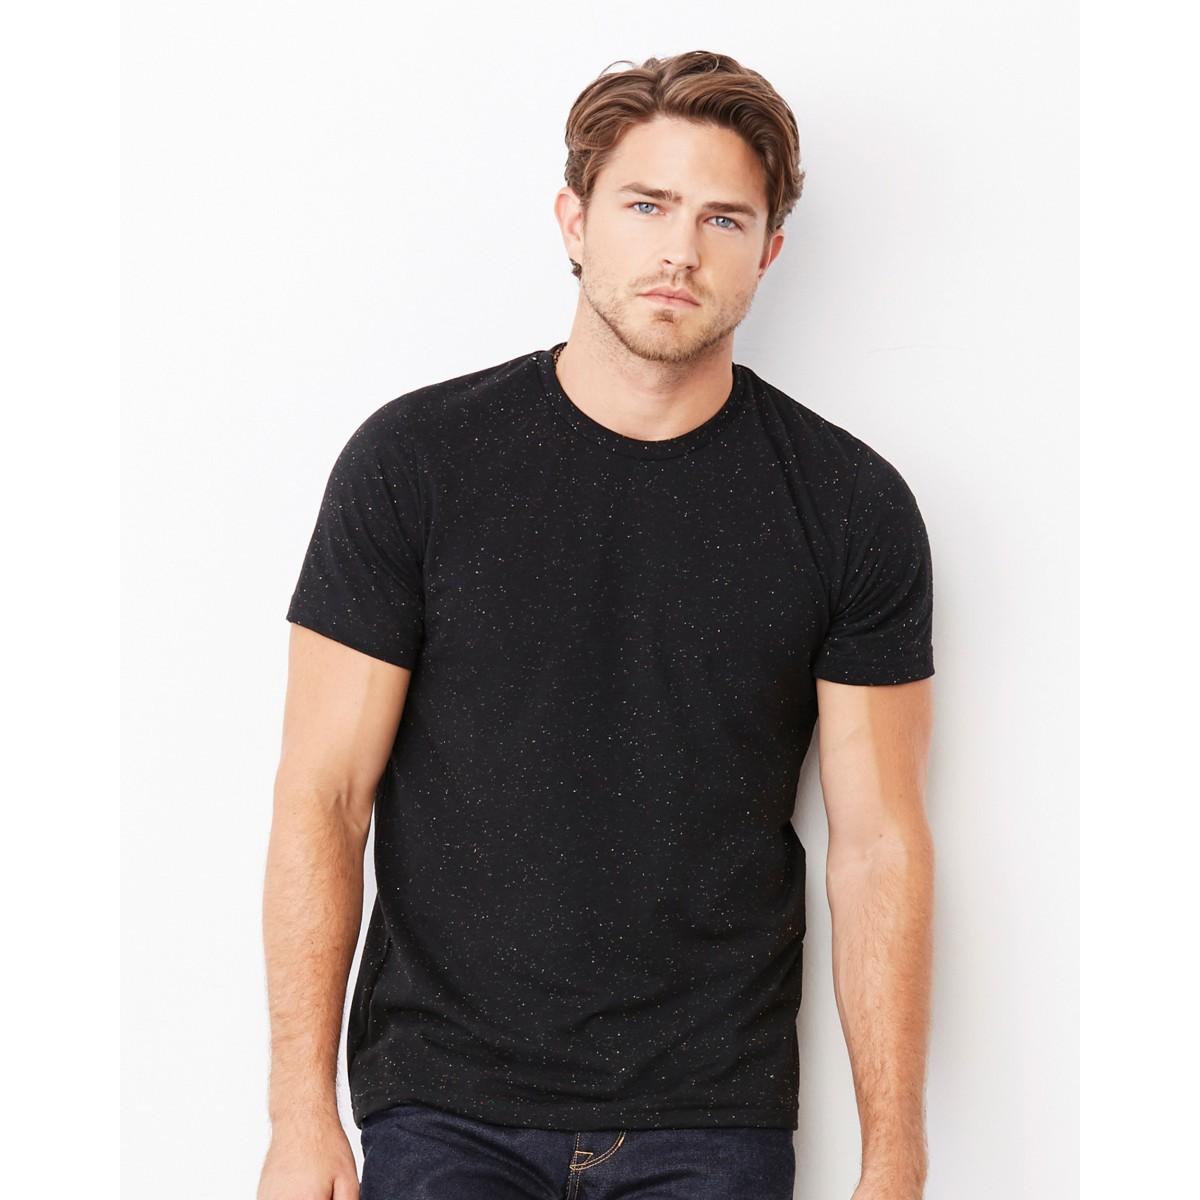 Mens tshirt for custom printing